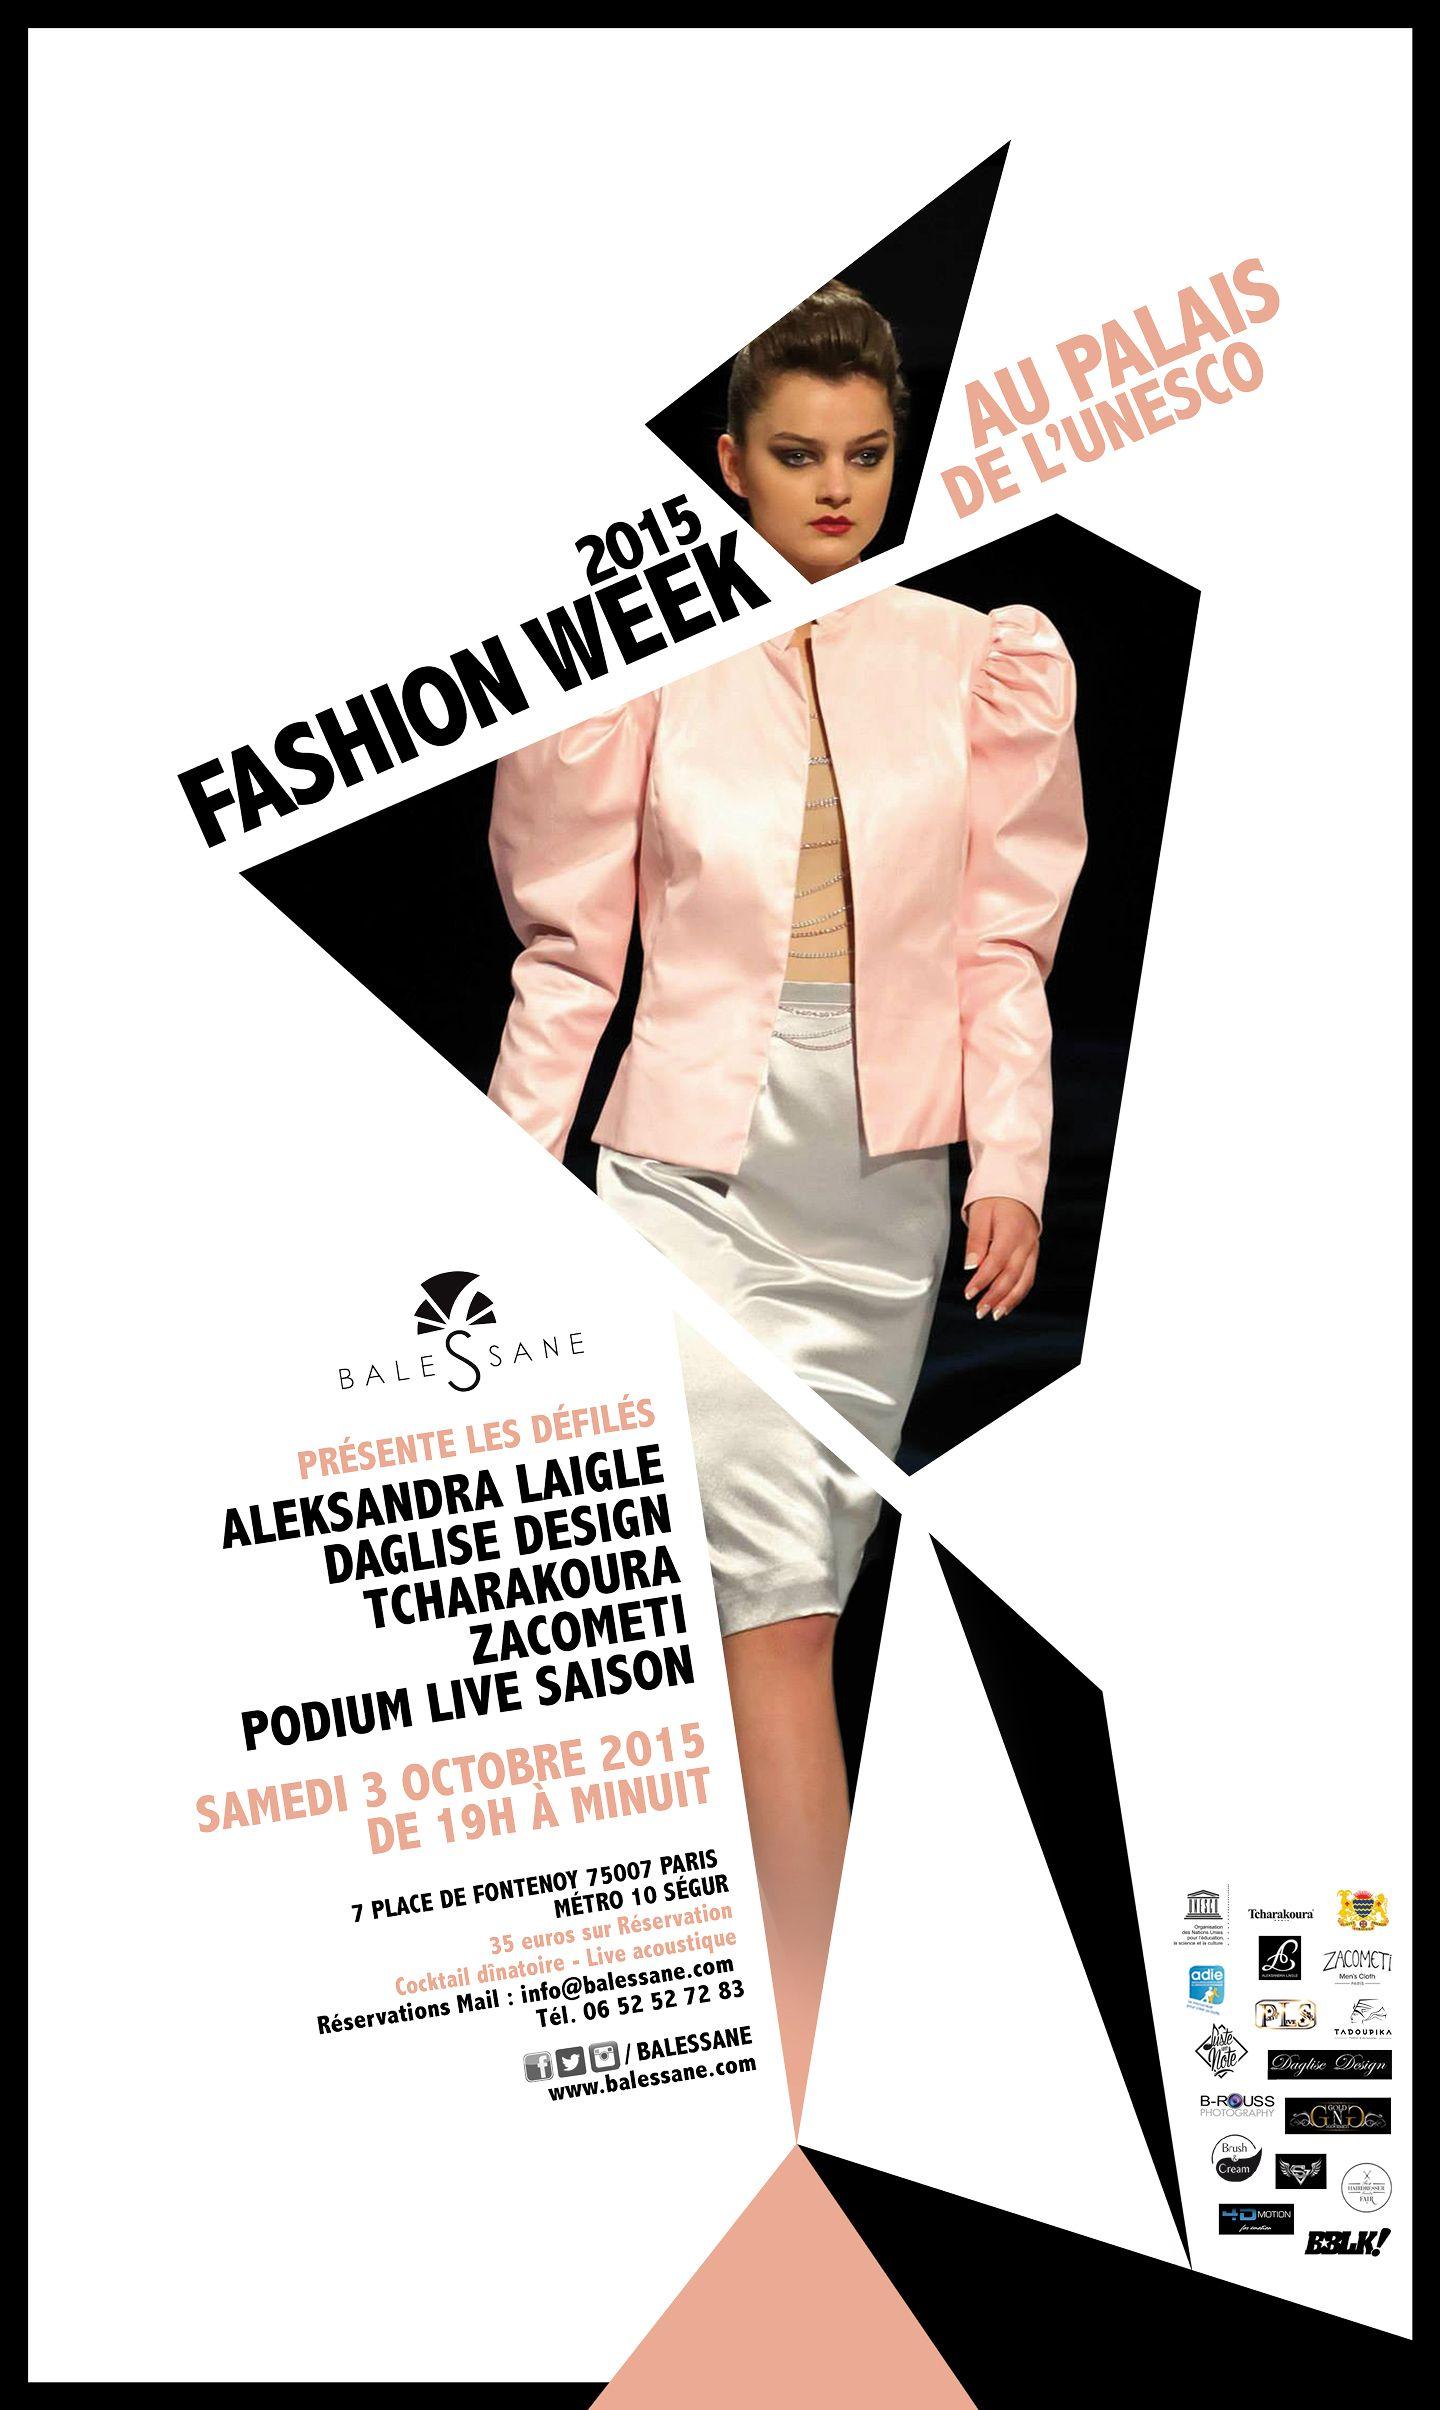 affiche de la balessane fashion week paris 2015